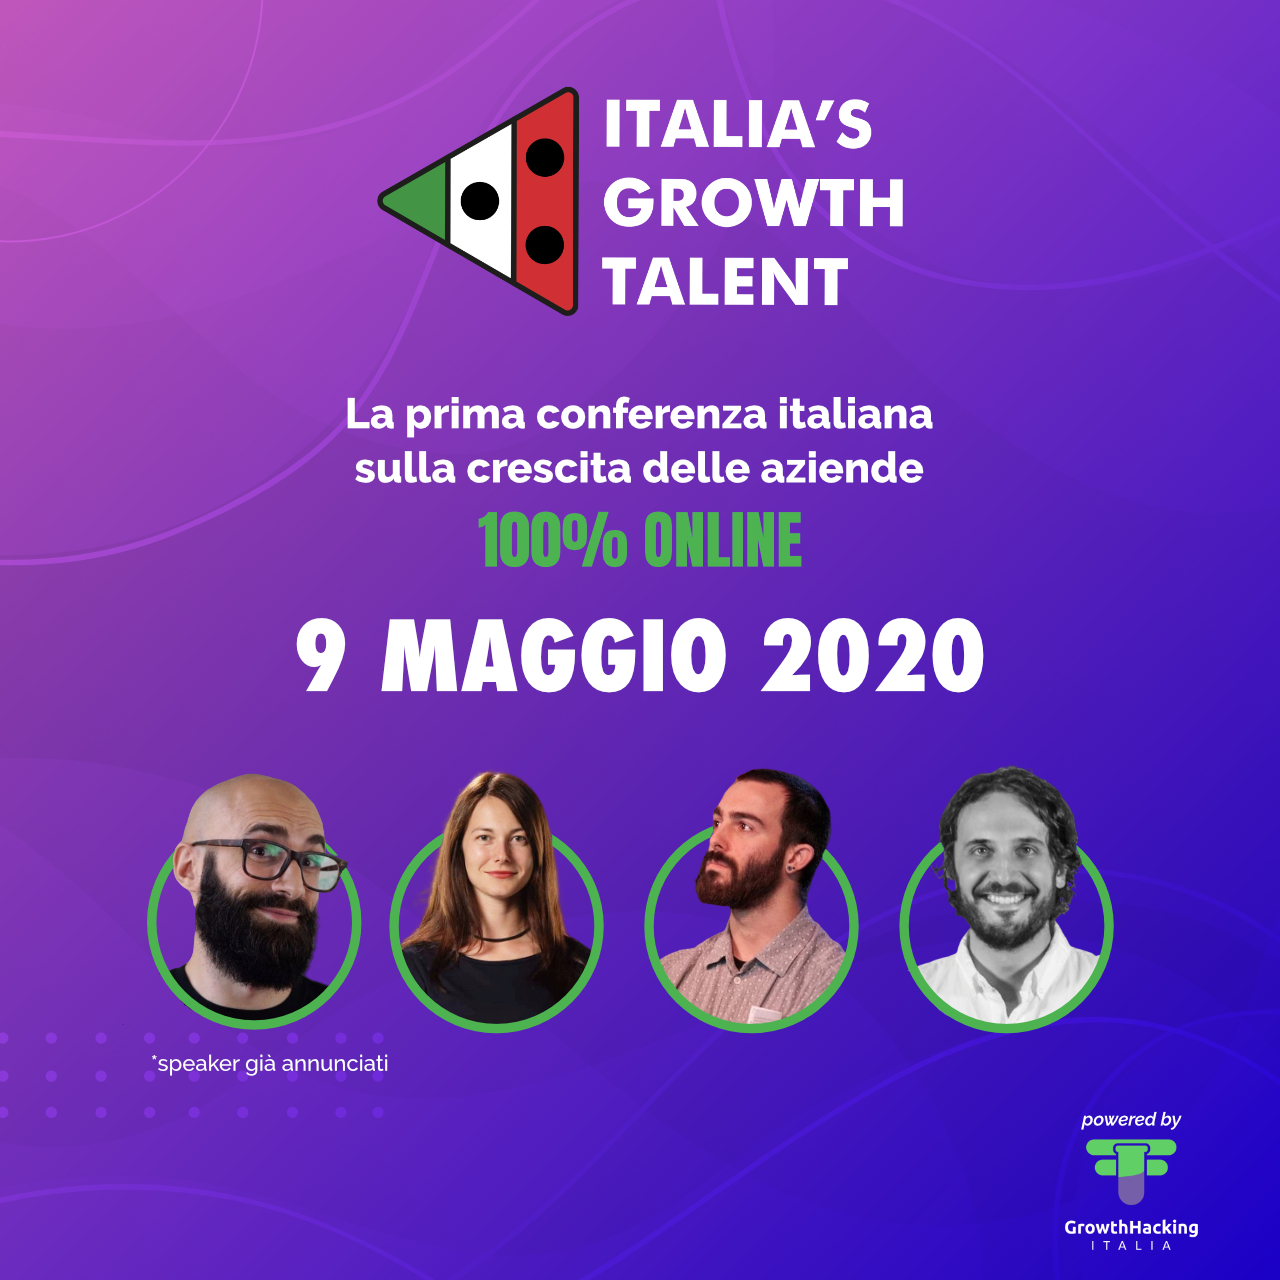 Italia's Growth Talent: la conferenza sulla crescita aziendale è 100% online